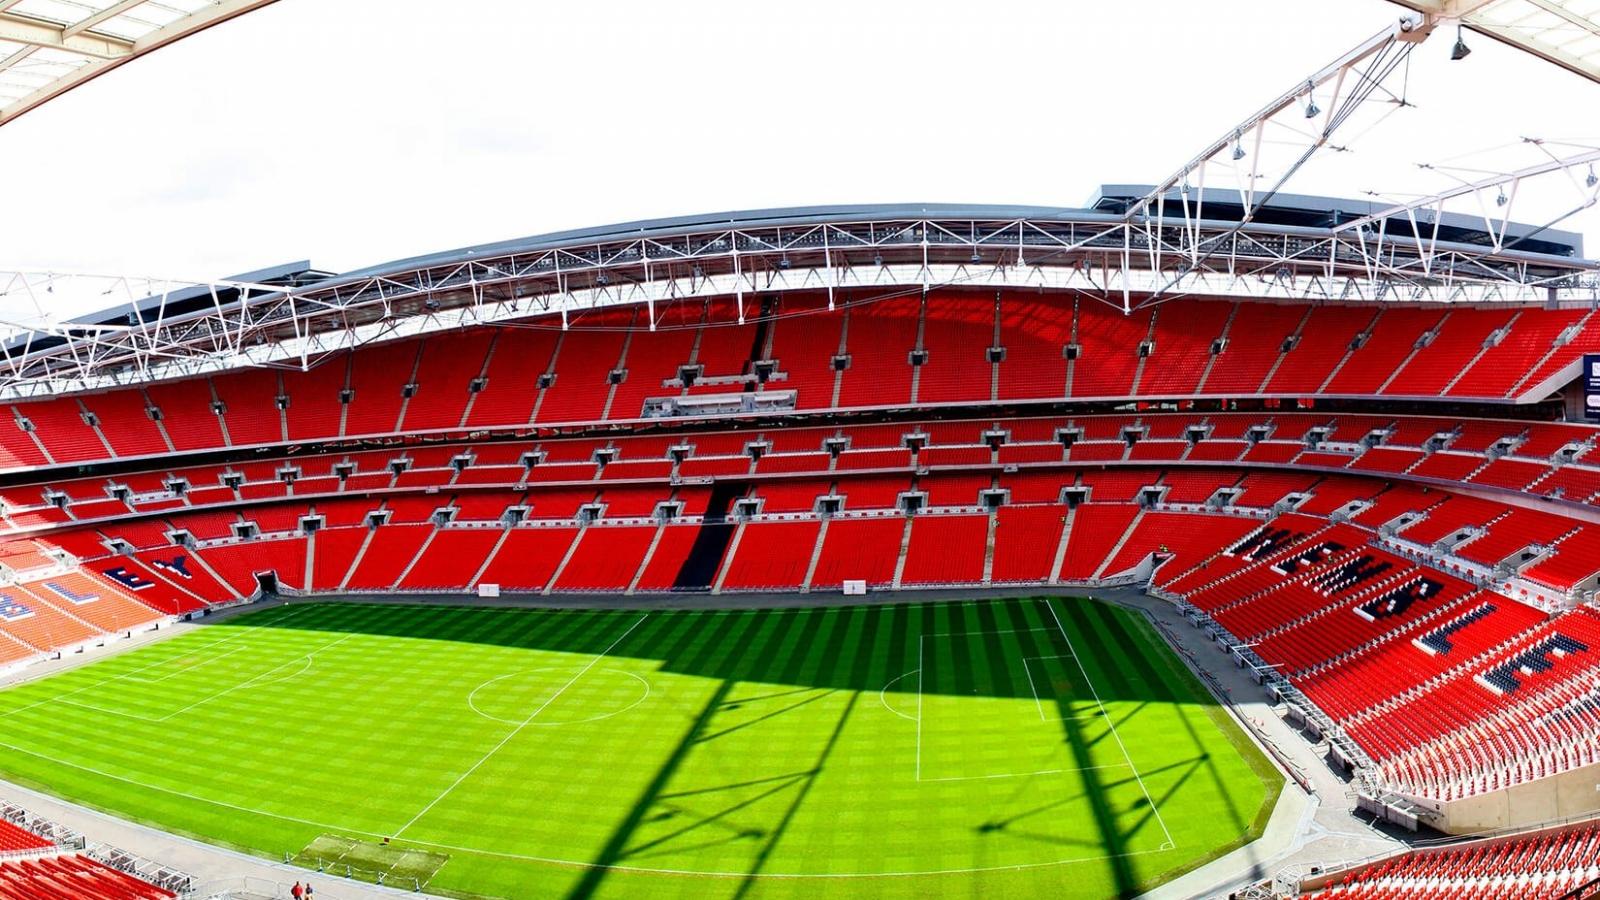 Dịch Covid-19 diễn biến phức tạp, chung kết EURO 2021 có thể vẫn diễn ra ở Wembley